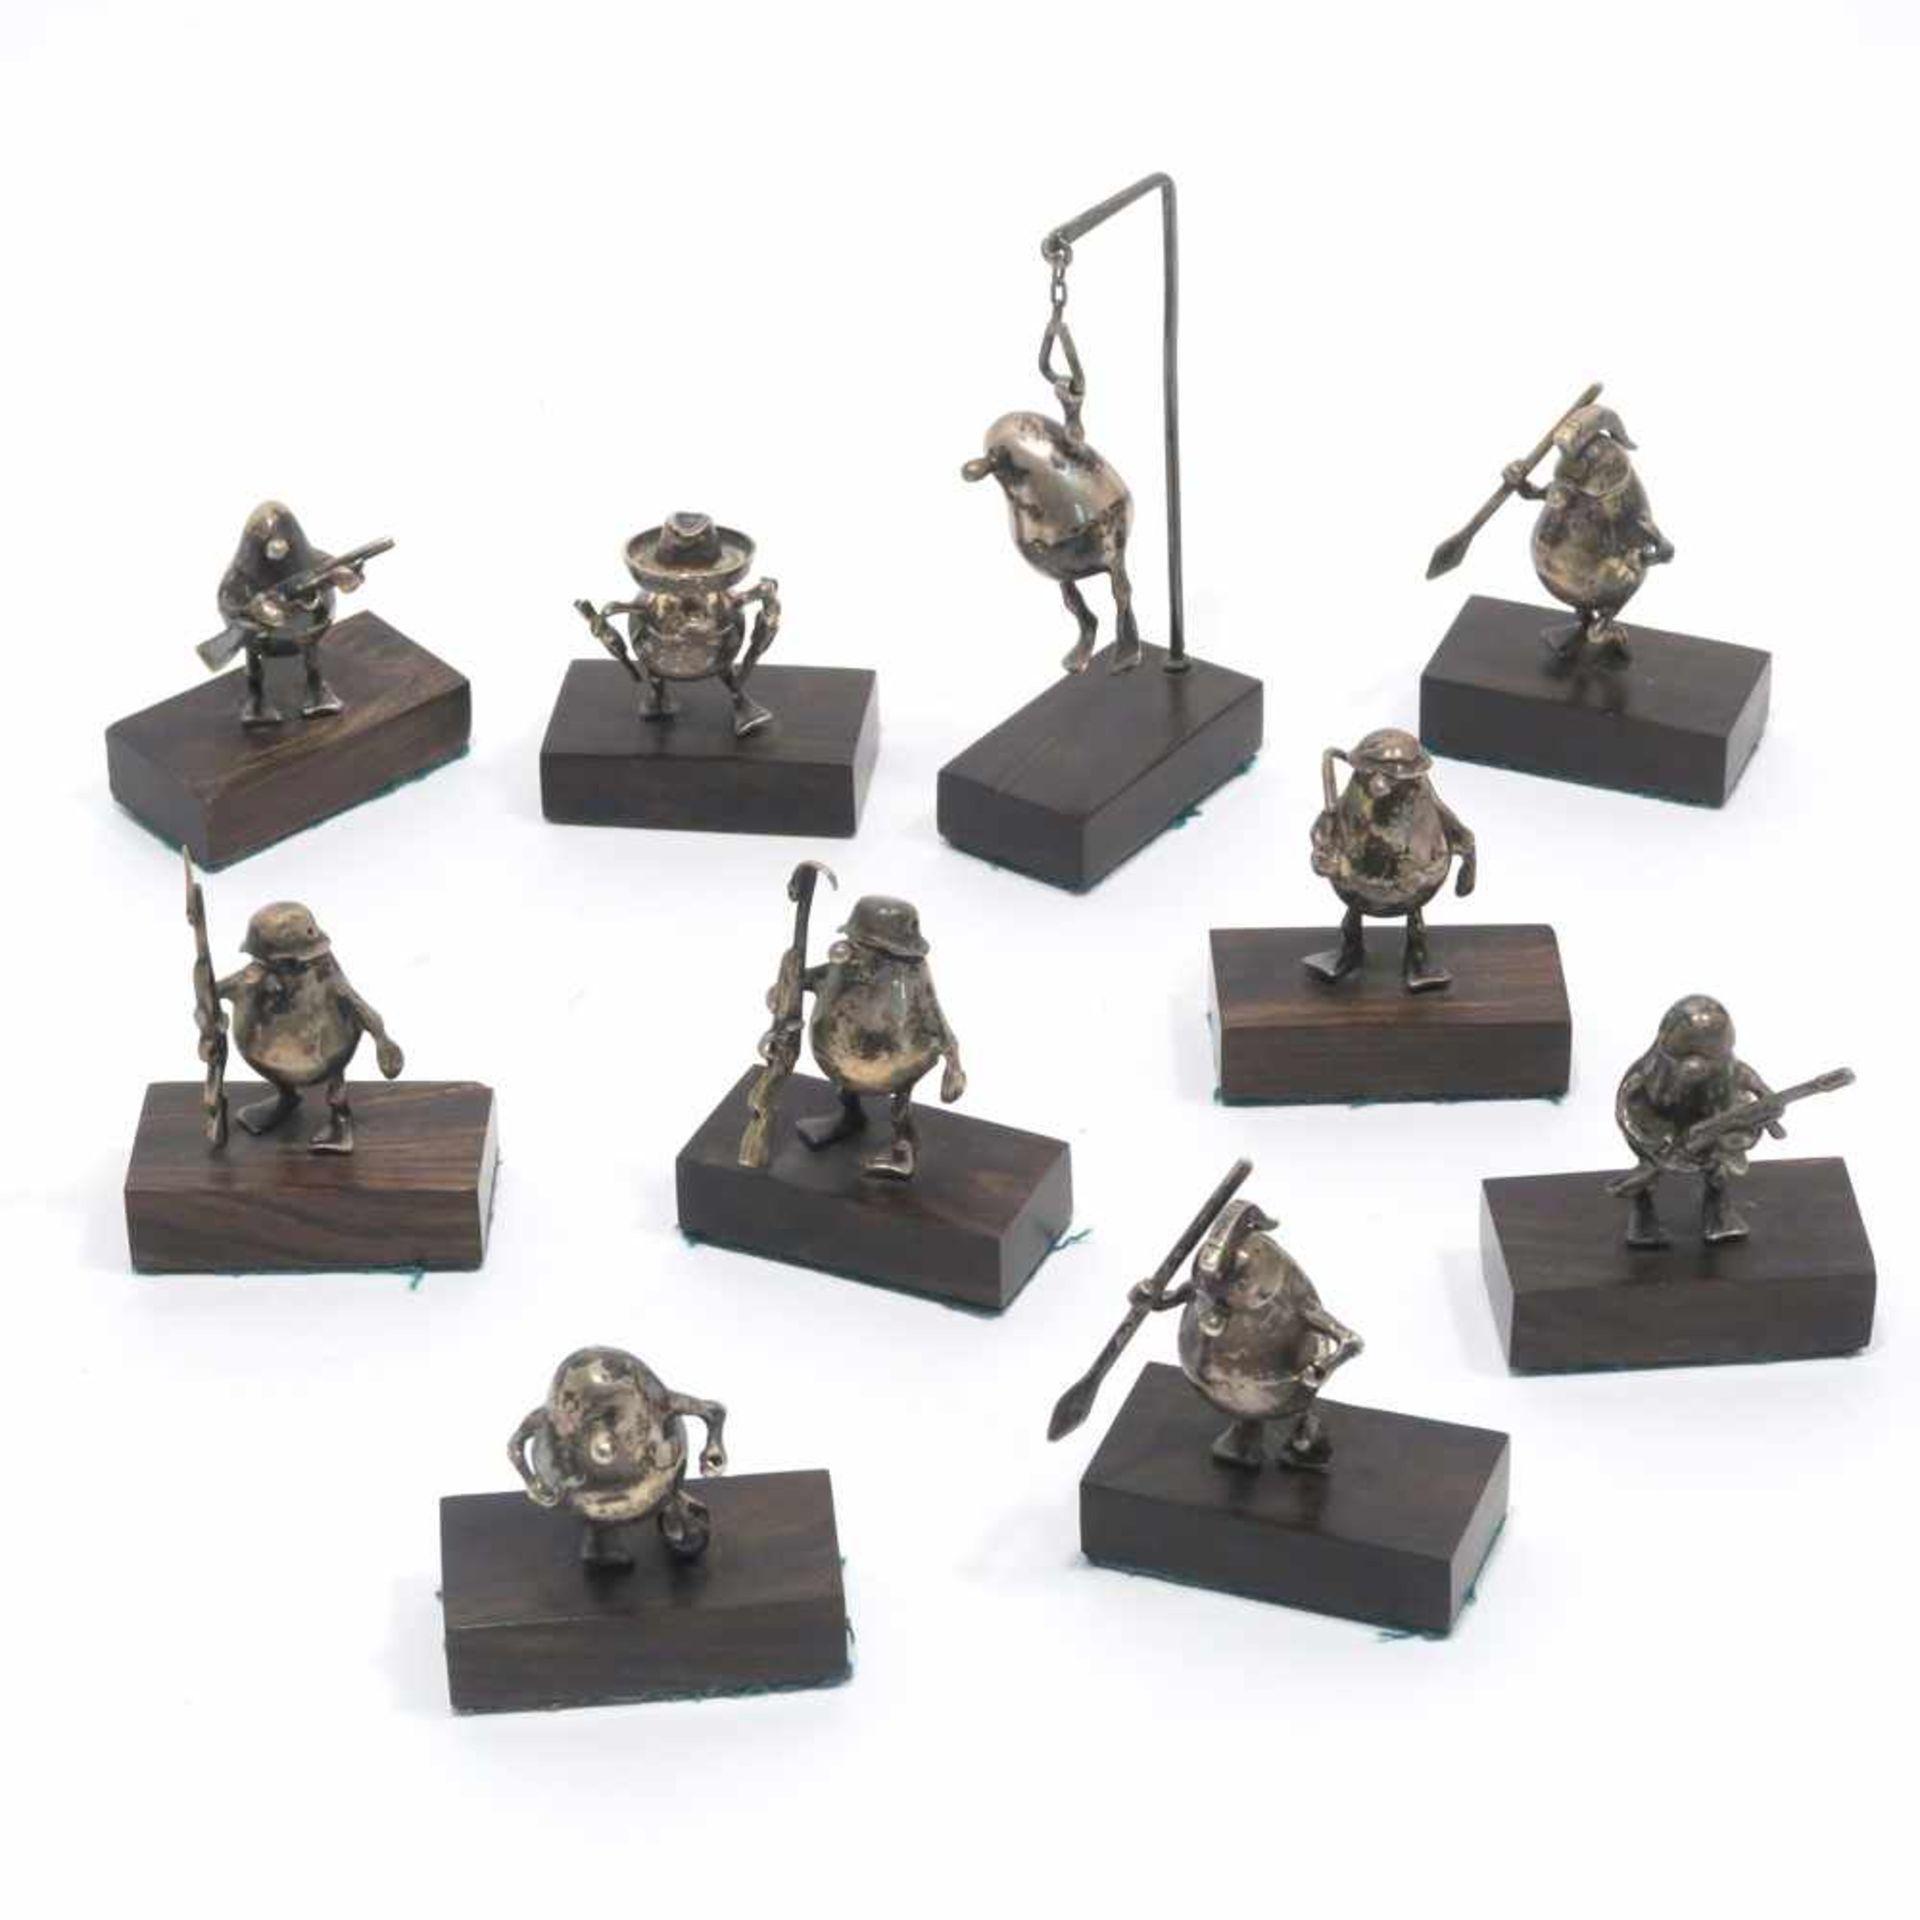 Los 30 - Zehn Miniatur-FigurenSilber. Birnenförmige Figürchen mit Entenfüßen und Knollennase, ausstaffiert